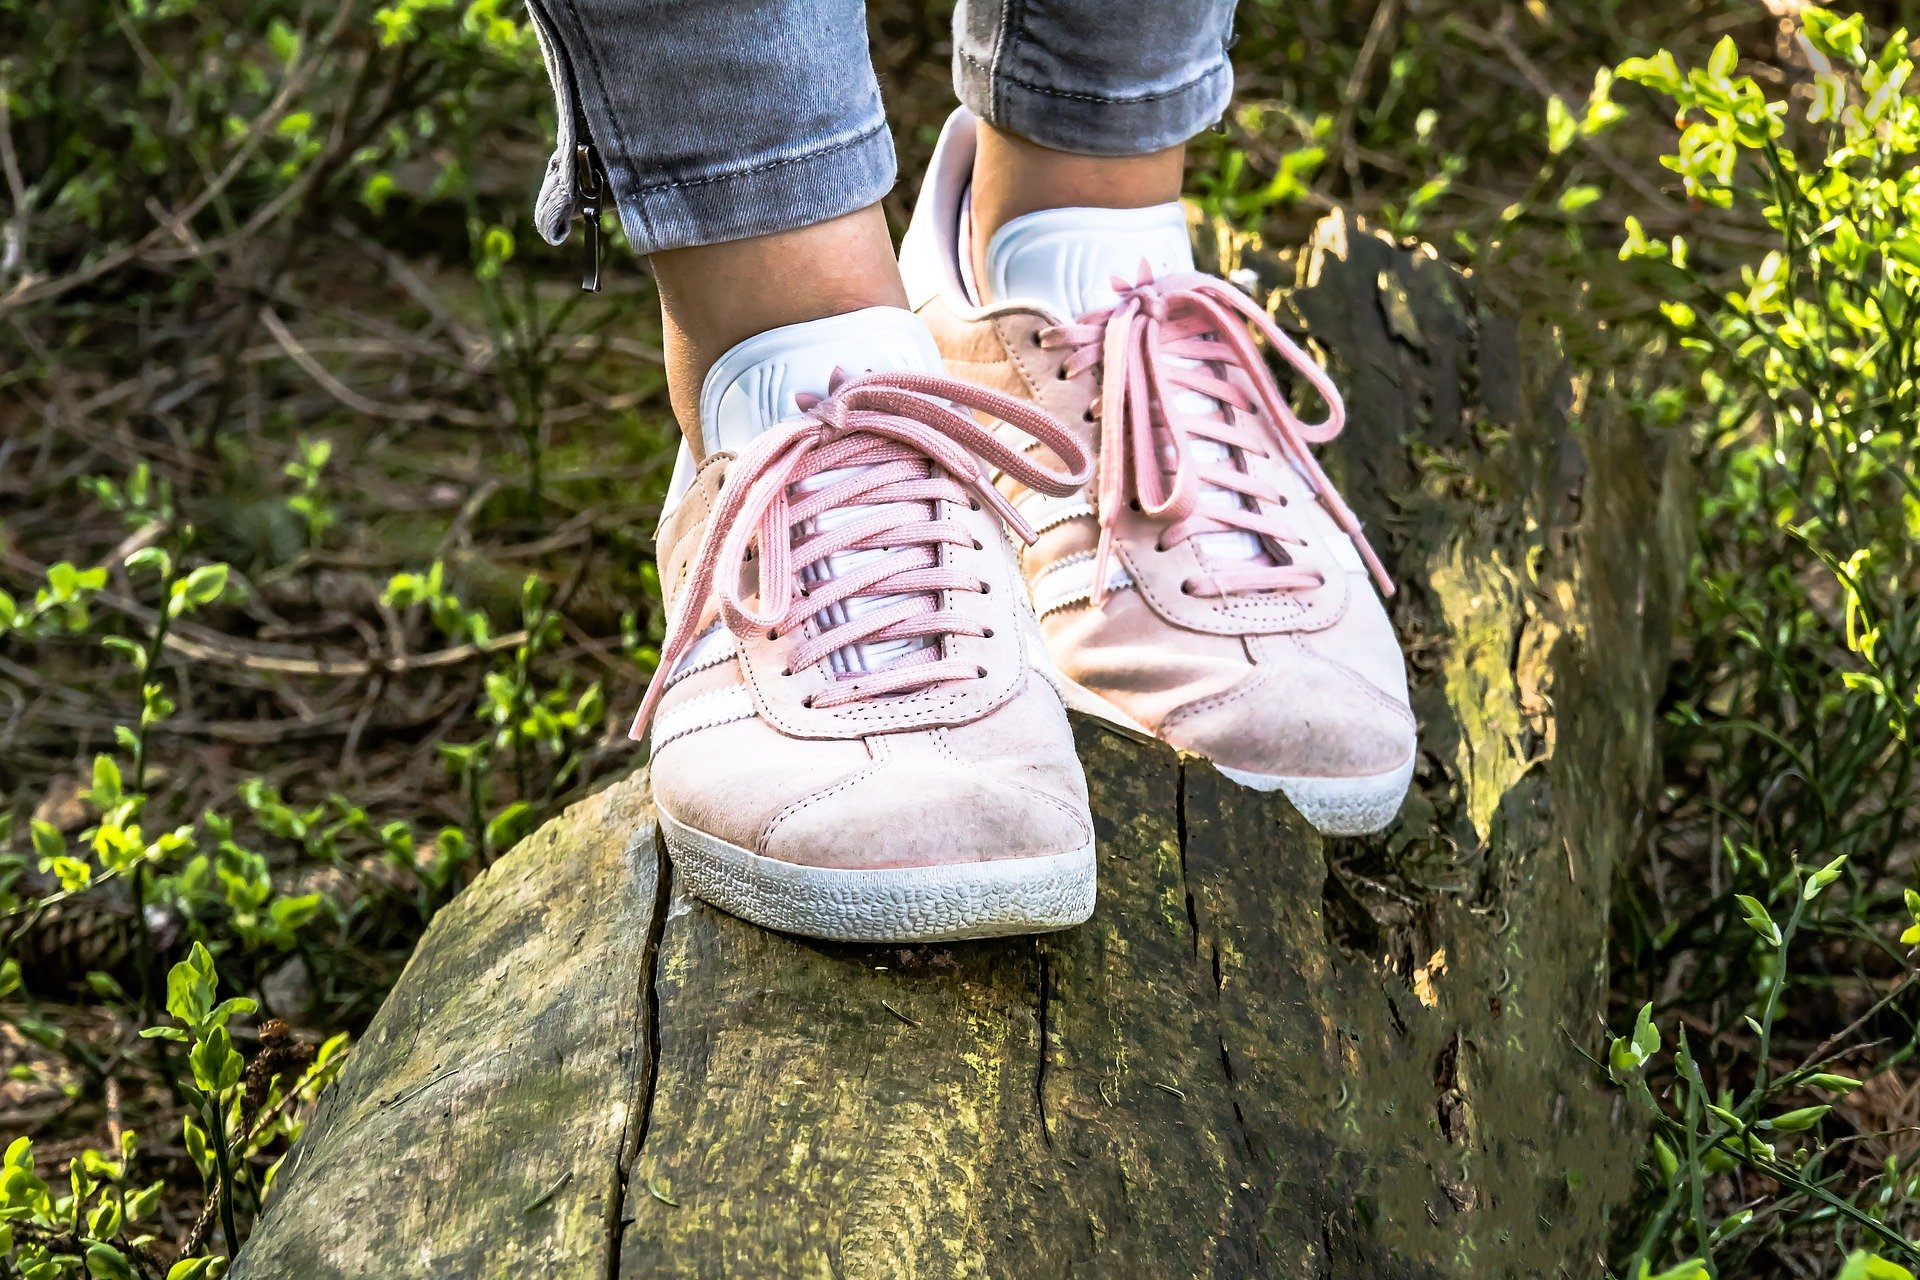 Sneakers passen praktisch zu jeder Gelegenheit. Foto: Myriams-Fotos via pixabay.